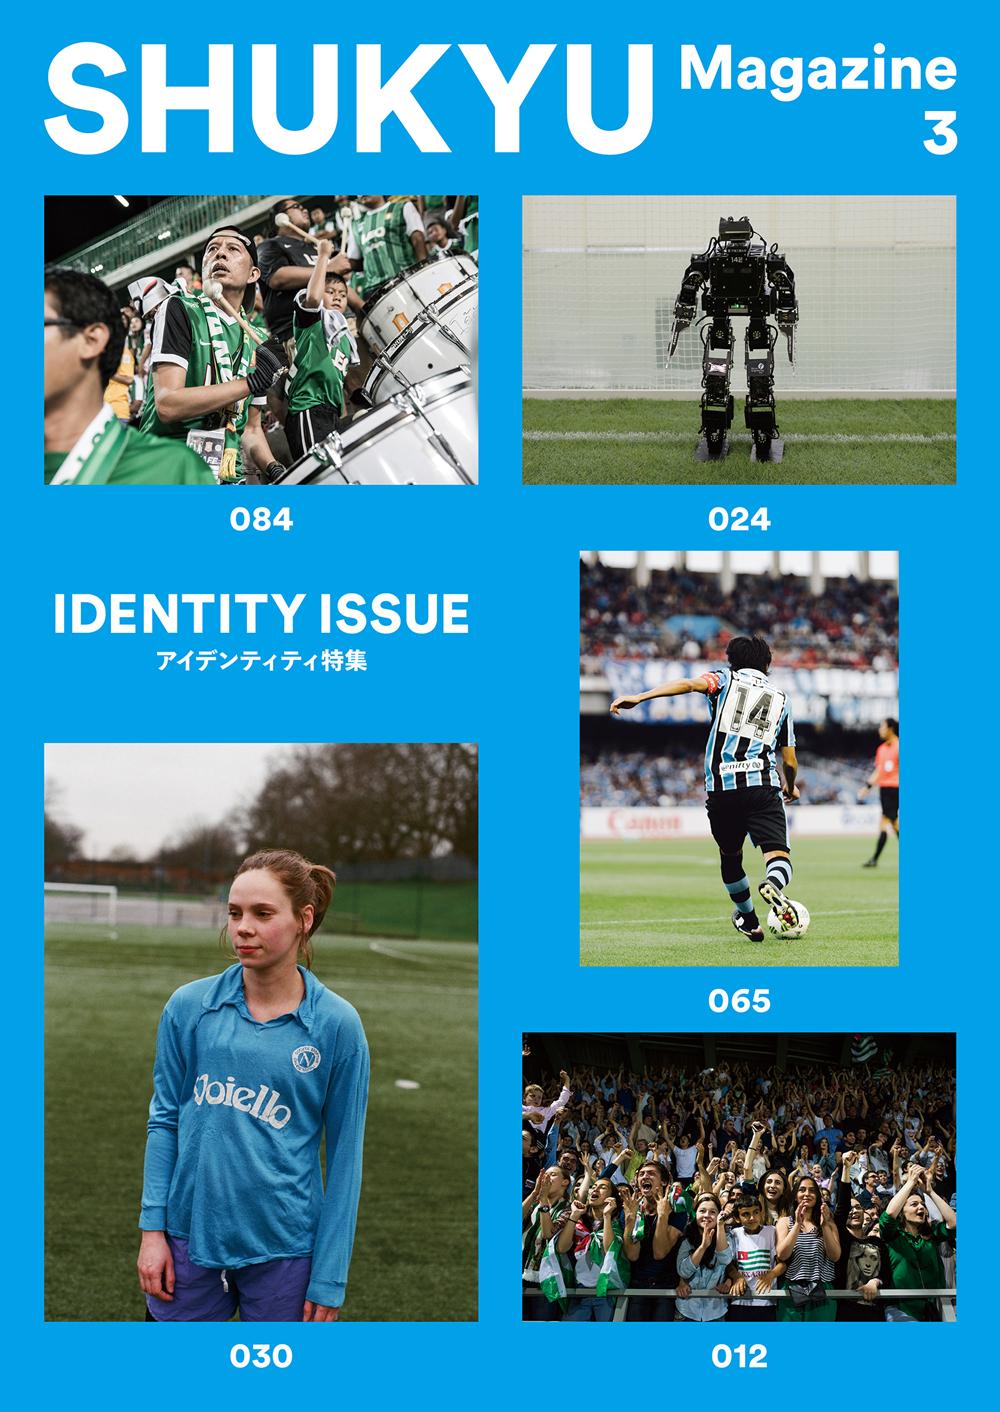 SHUKYU Magazine IDENTITY ISSUE Cover